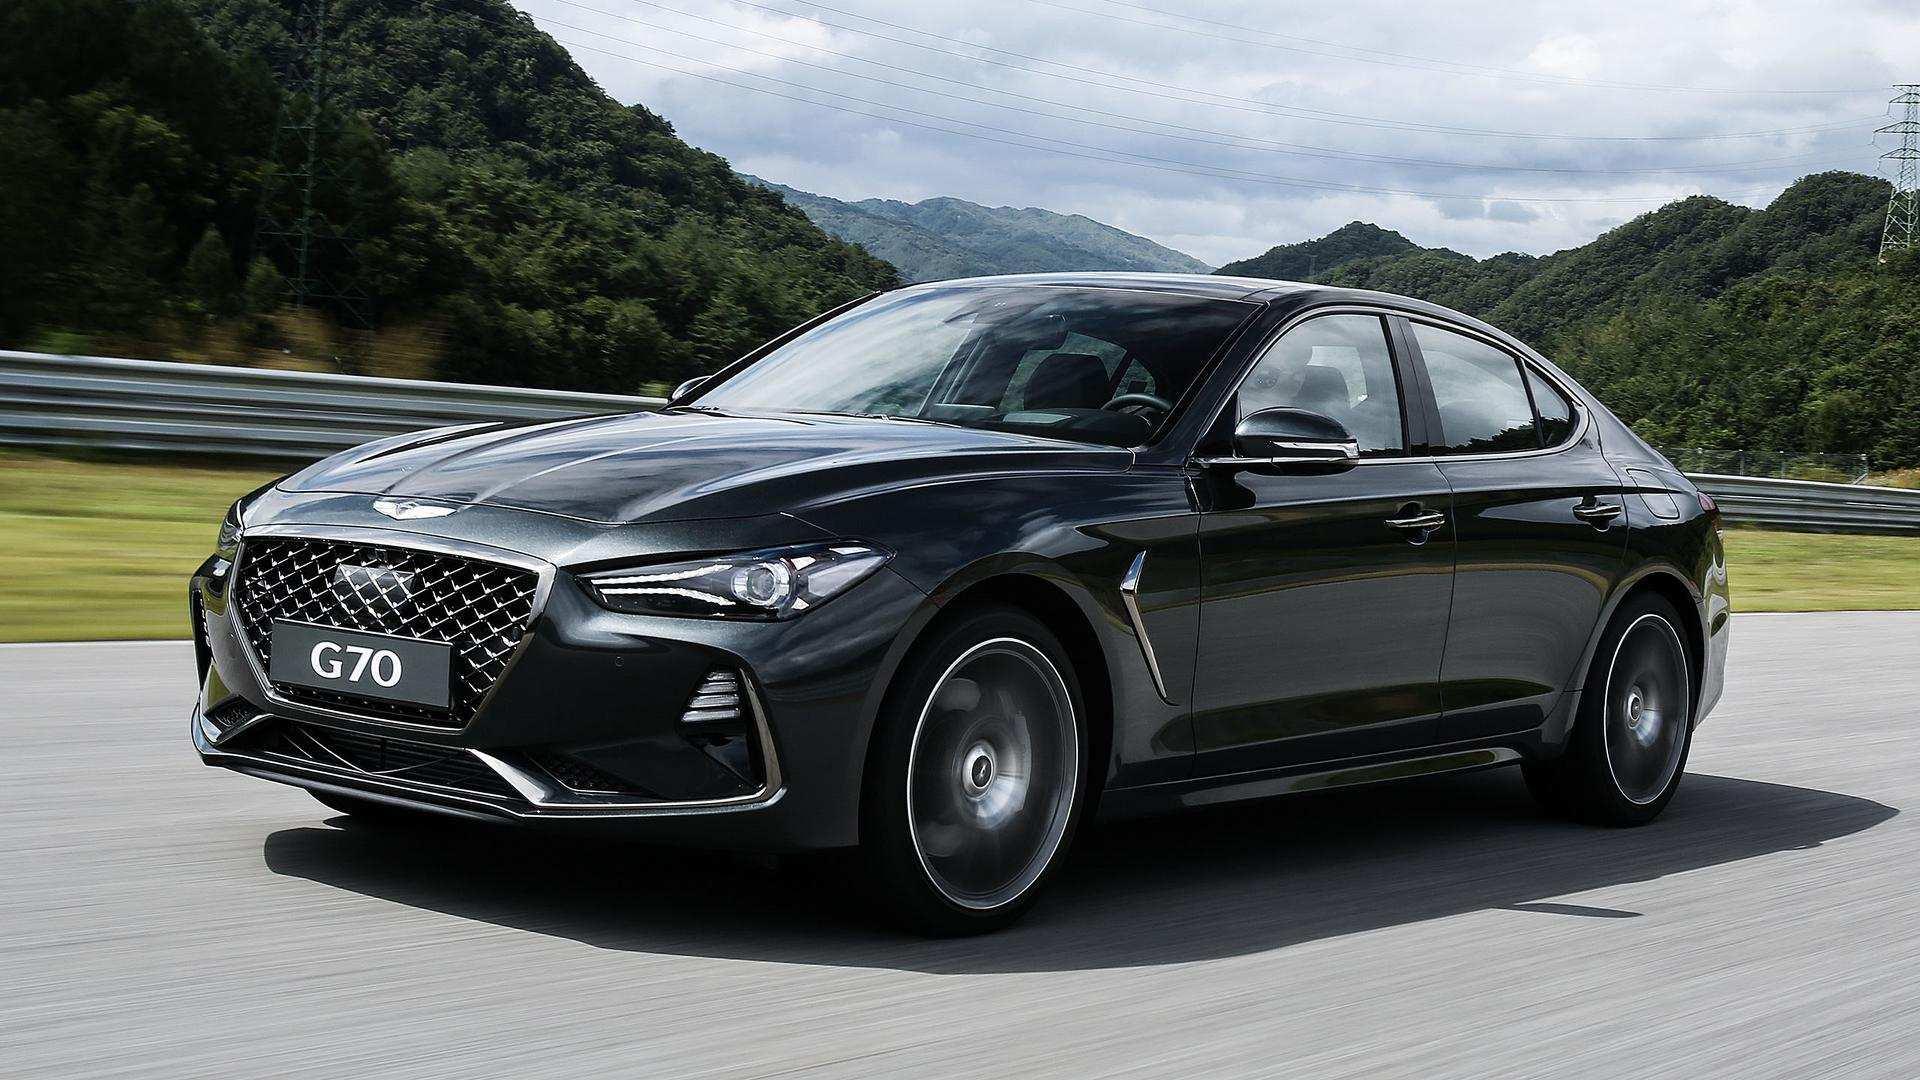 70 The 2019 Hyundai Genesis G70 Exterior by 2019 Hyundai Genesis G70